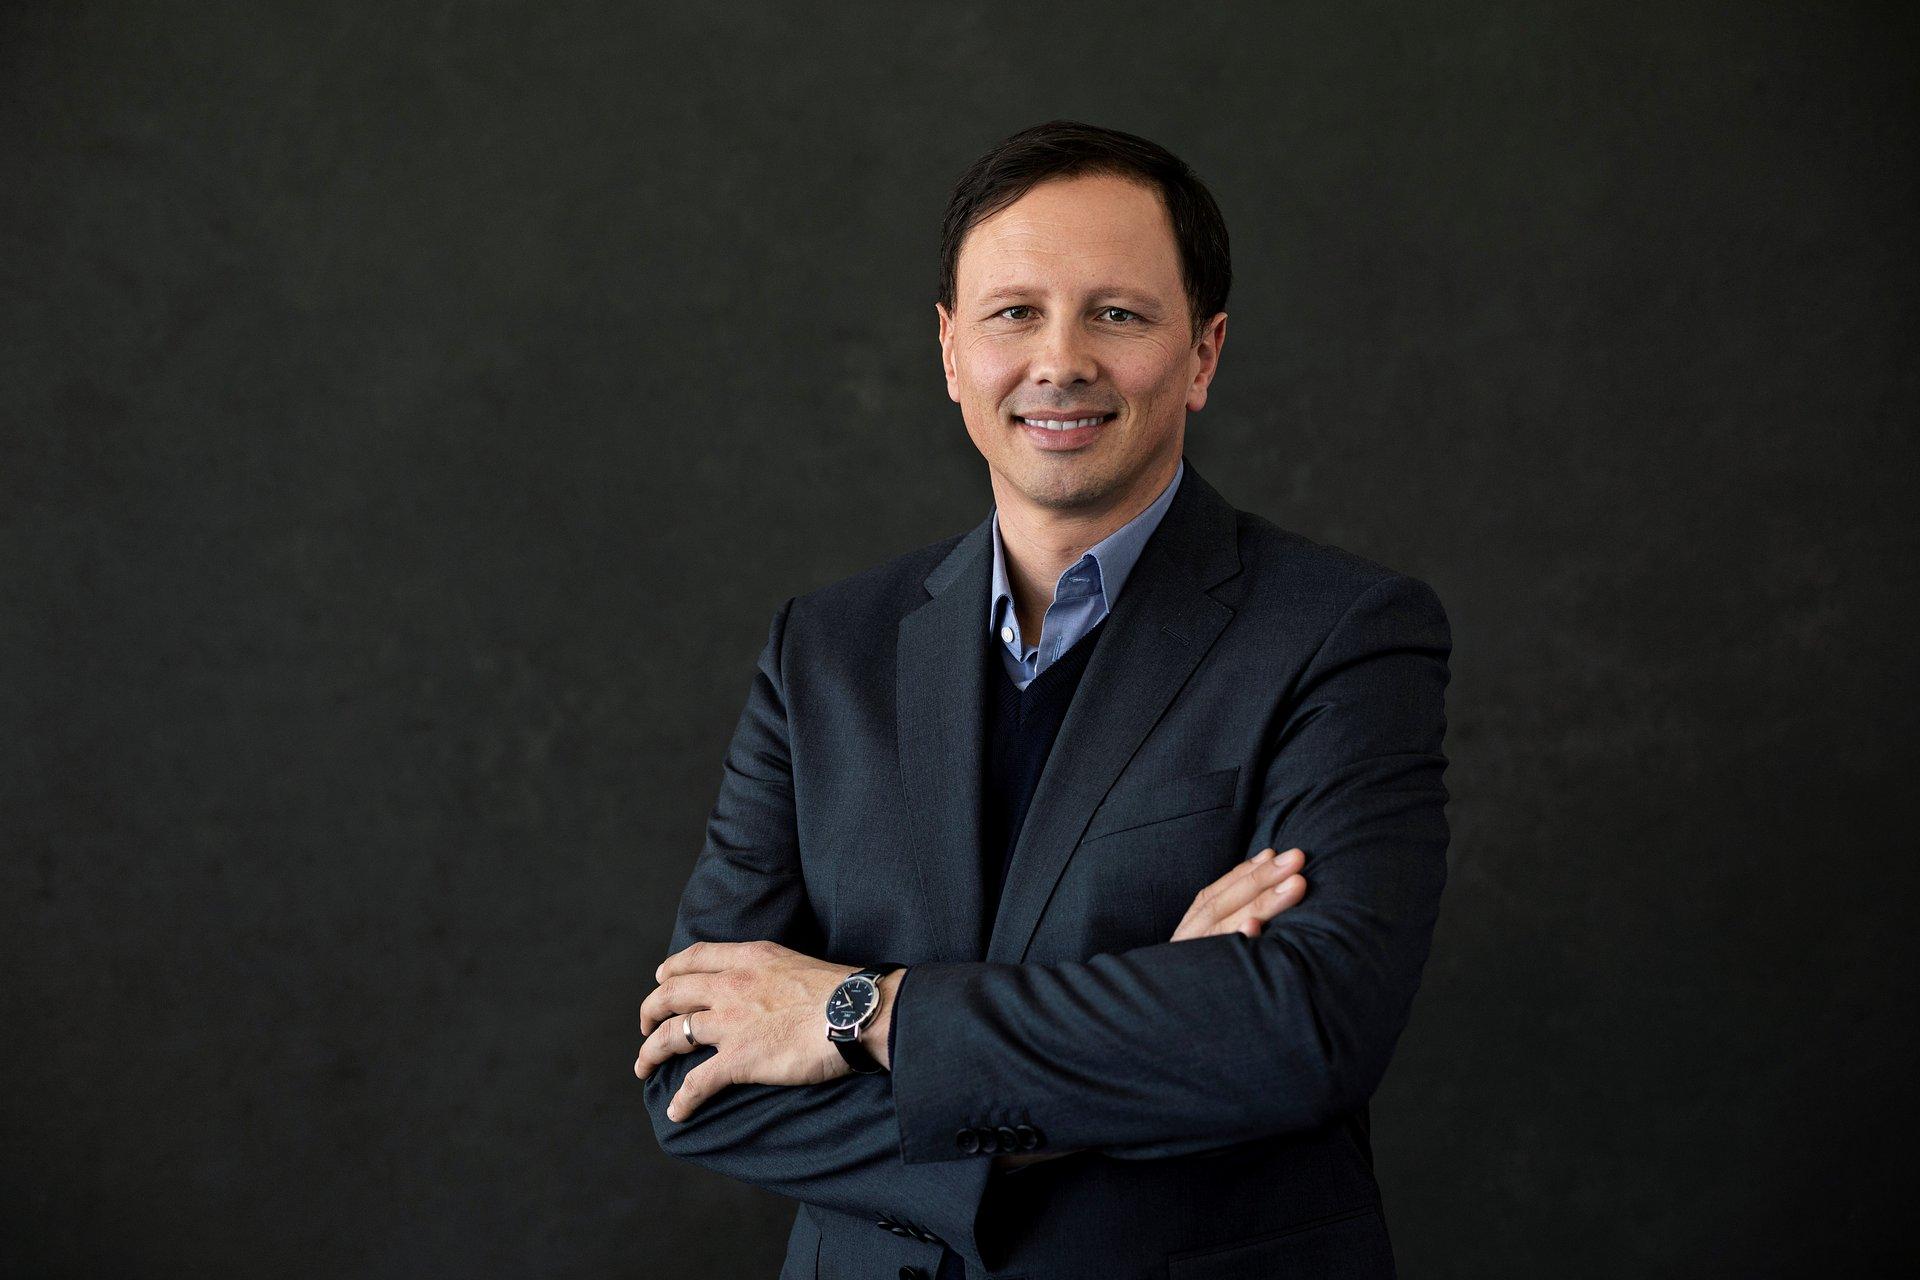 PETER GRASCHI NOMMÉ NOUVEAU CEO D'ARENA APRÈS LE DÉPART DE LUCA SELVATICI